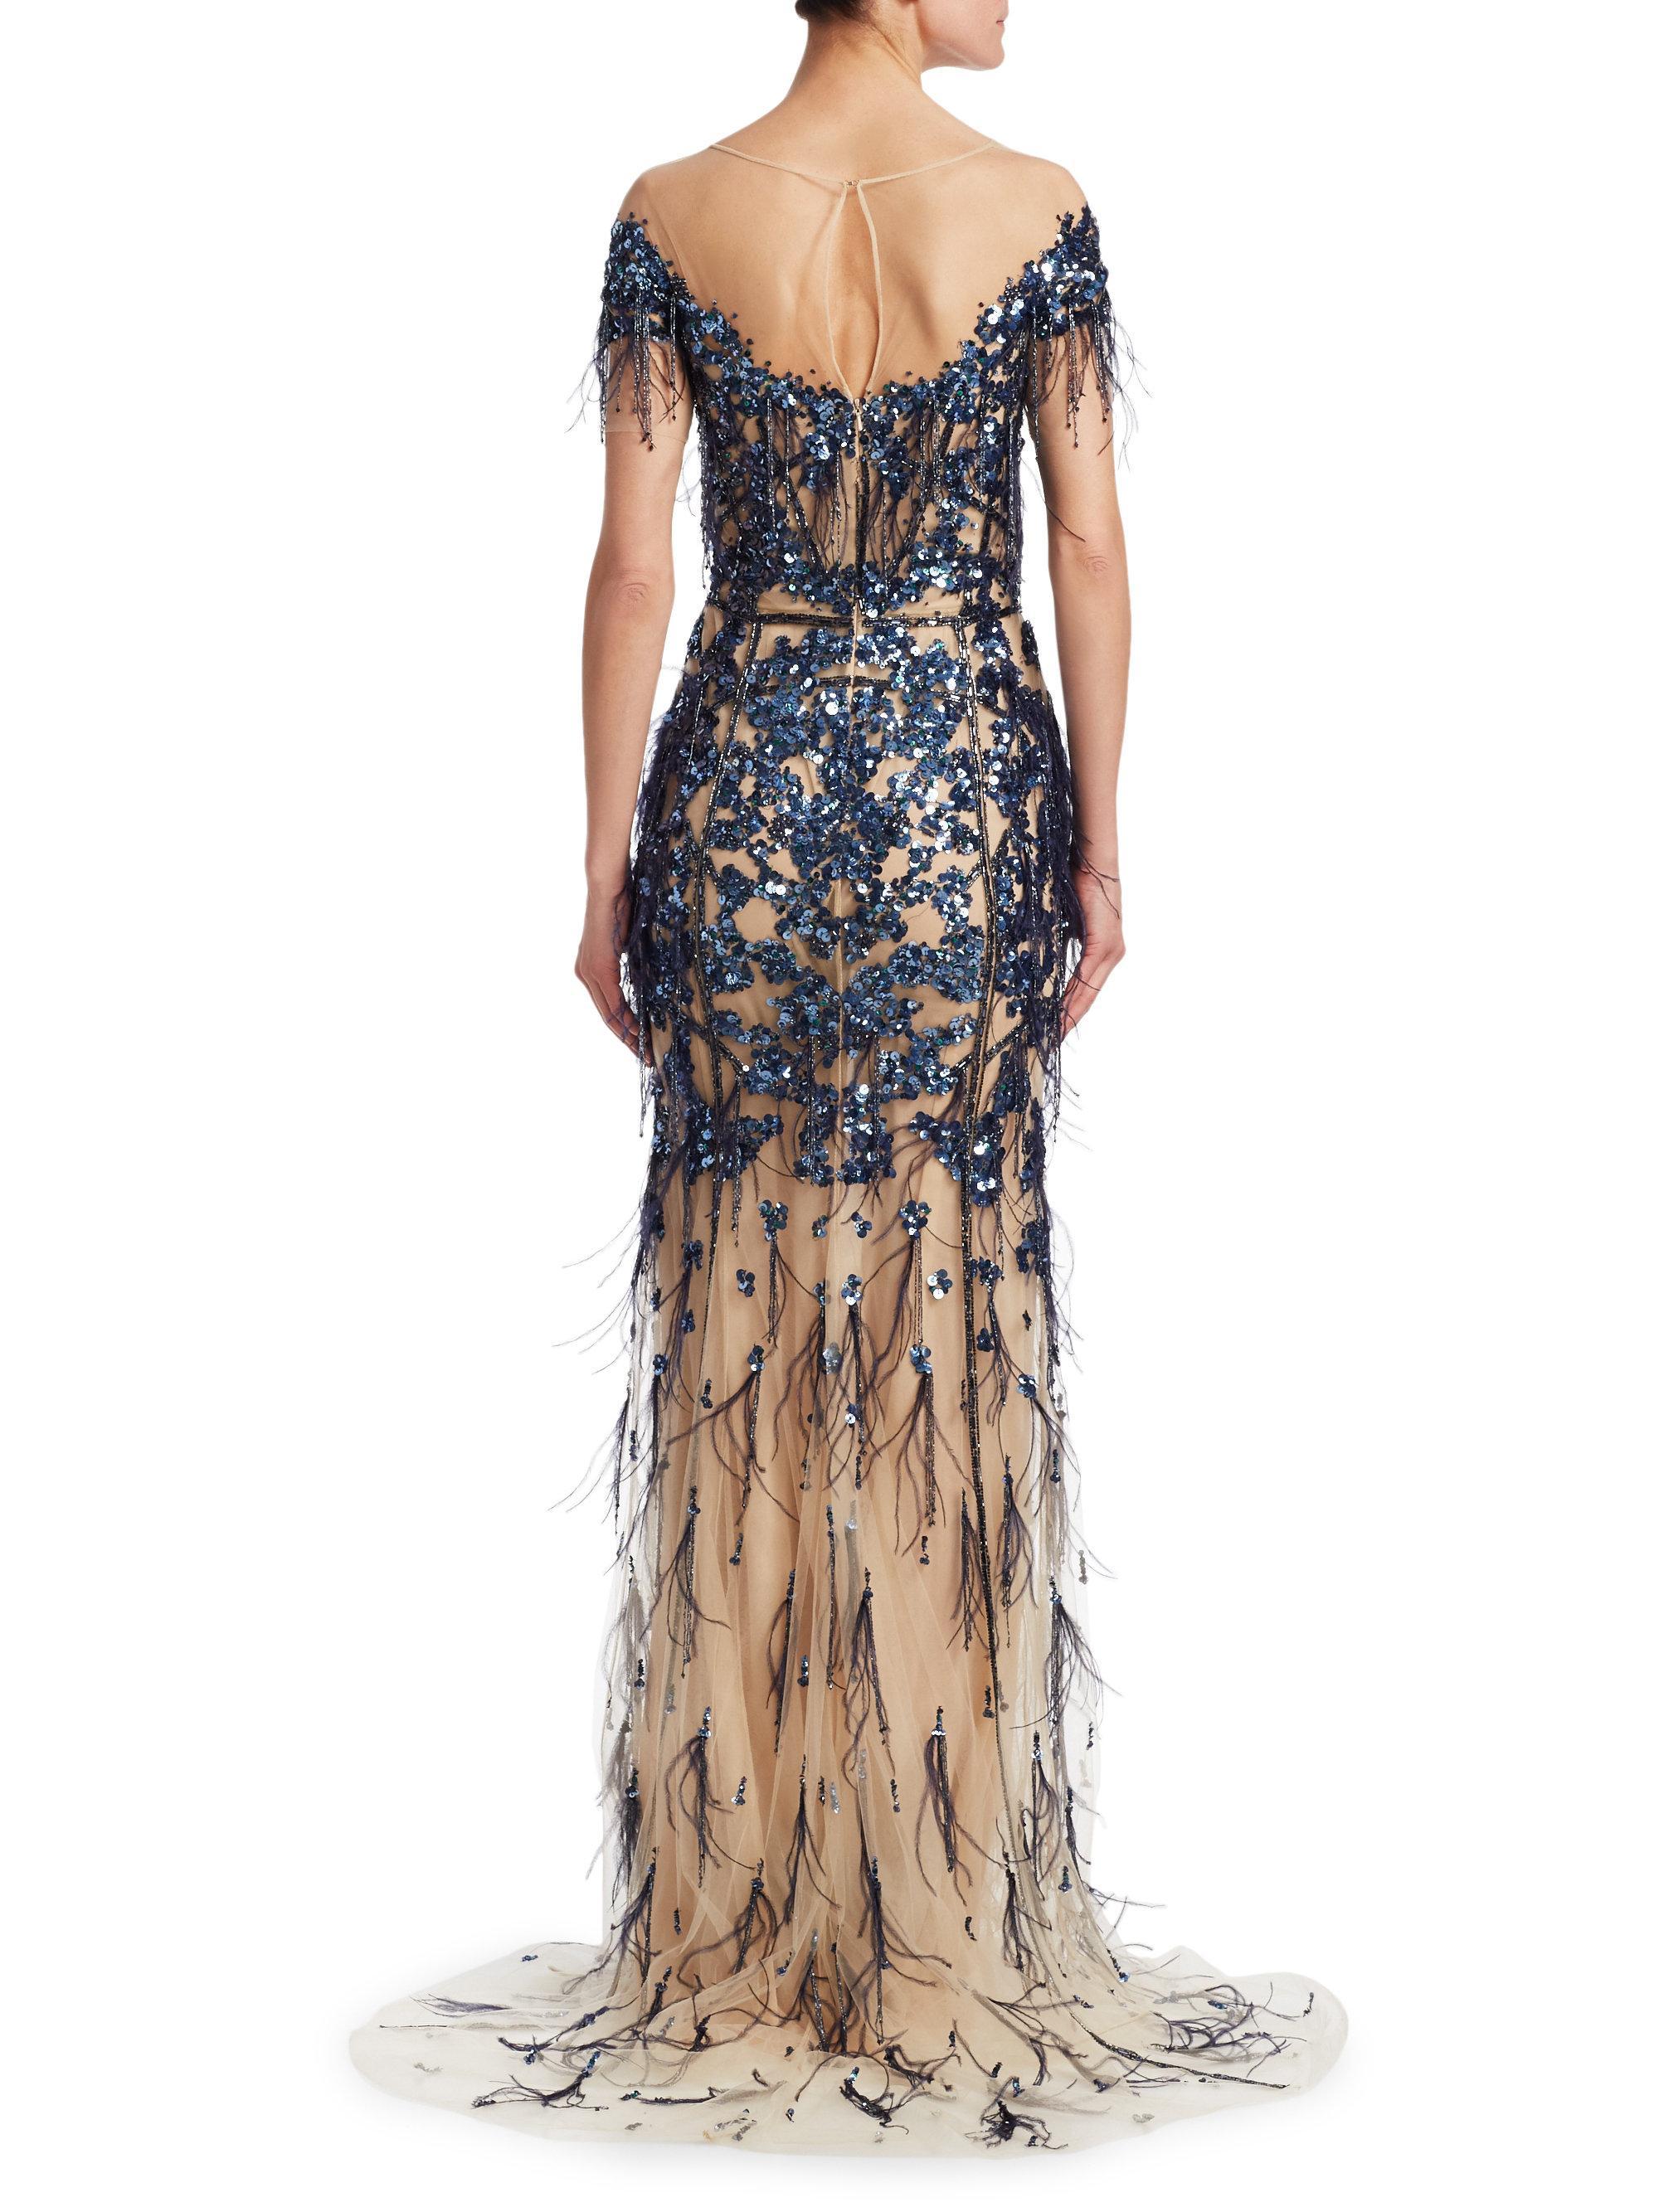 Lyst - Pamella Roland Sequin Off-the-shoulder Crystal-embellished ... ec0340e0b